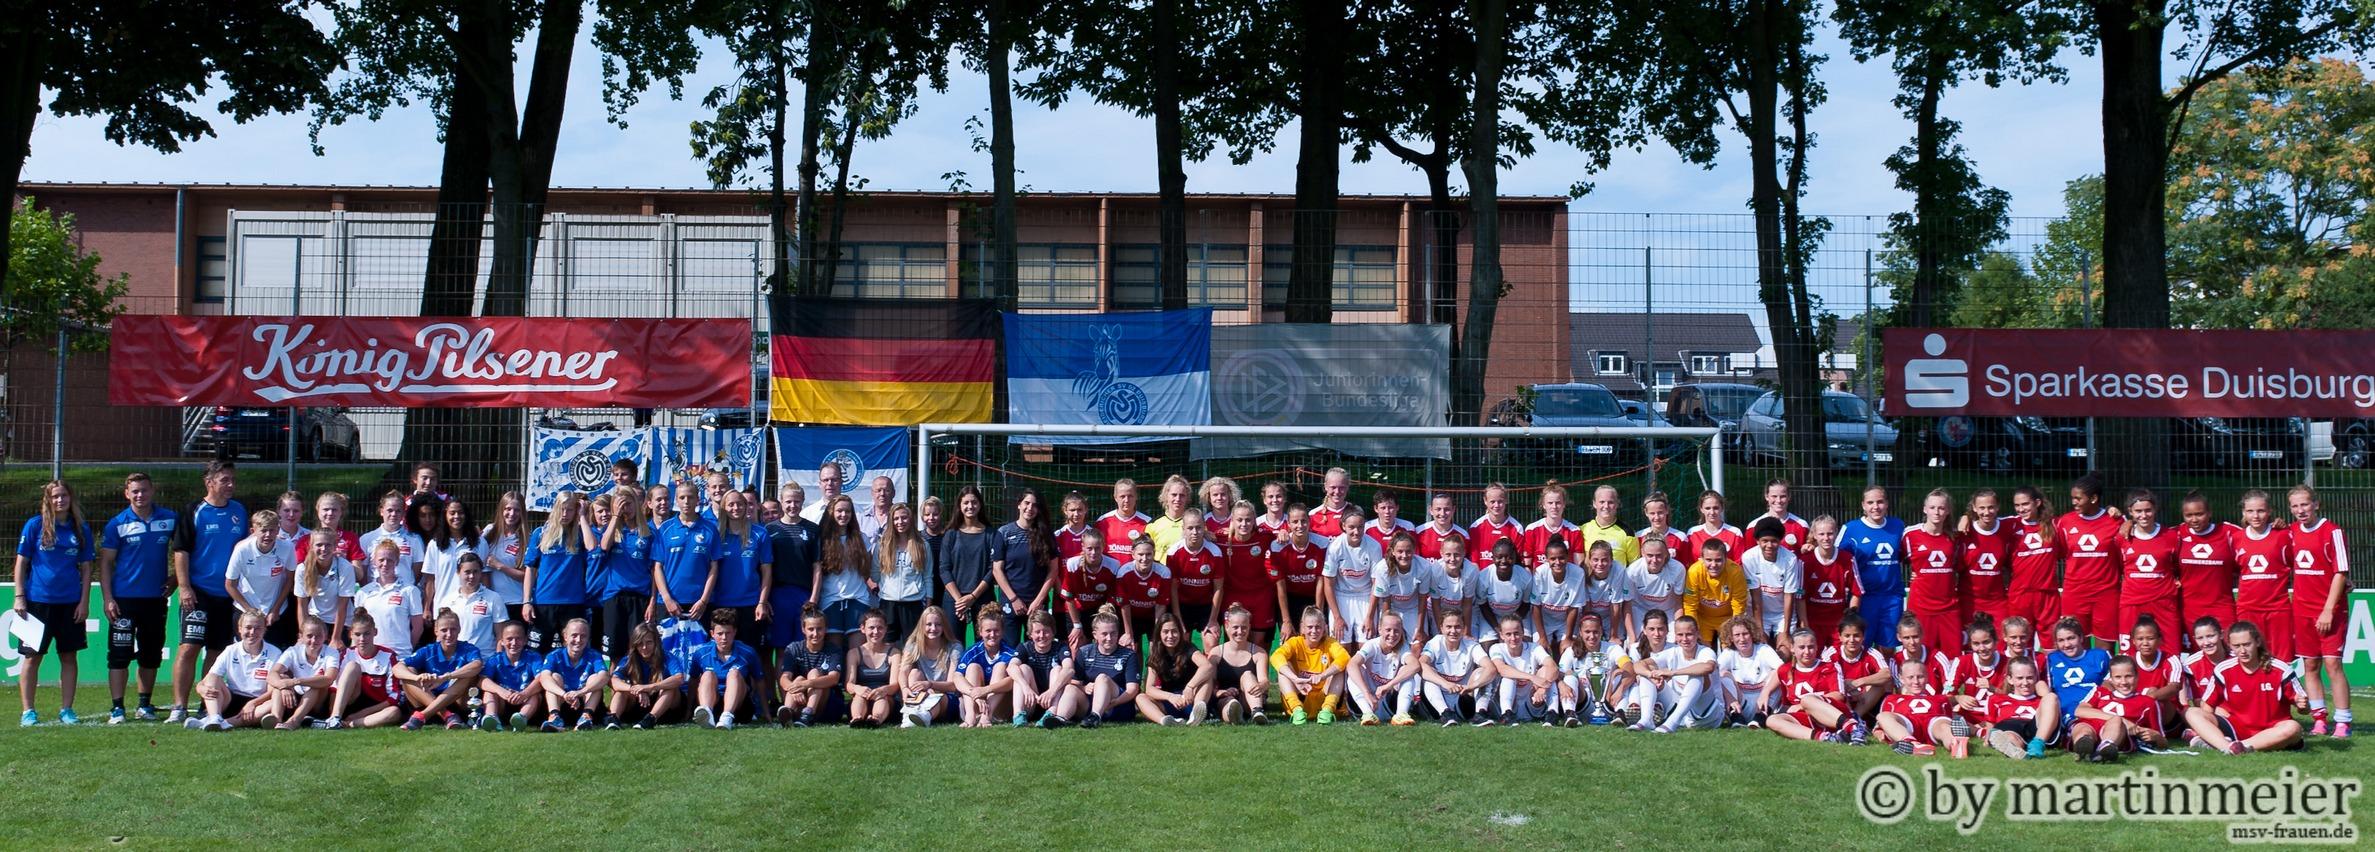 Alle cauf einem Bild - Das diesjährige U17 Turnier glänzt wieder durch ein stattliches Starterfeld